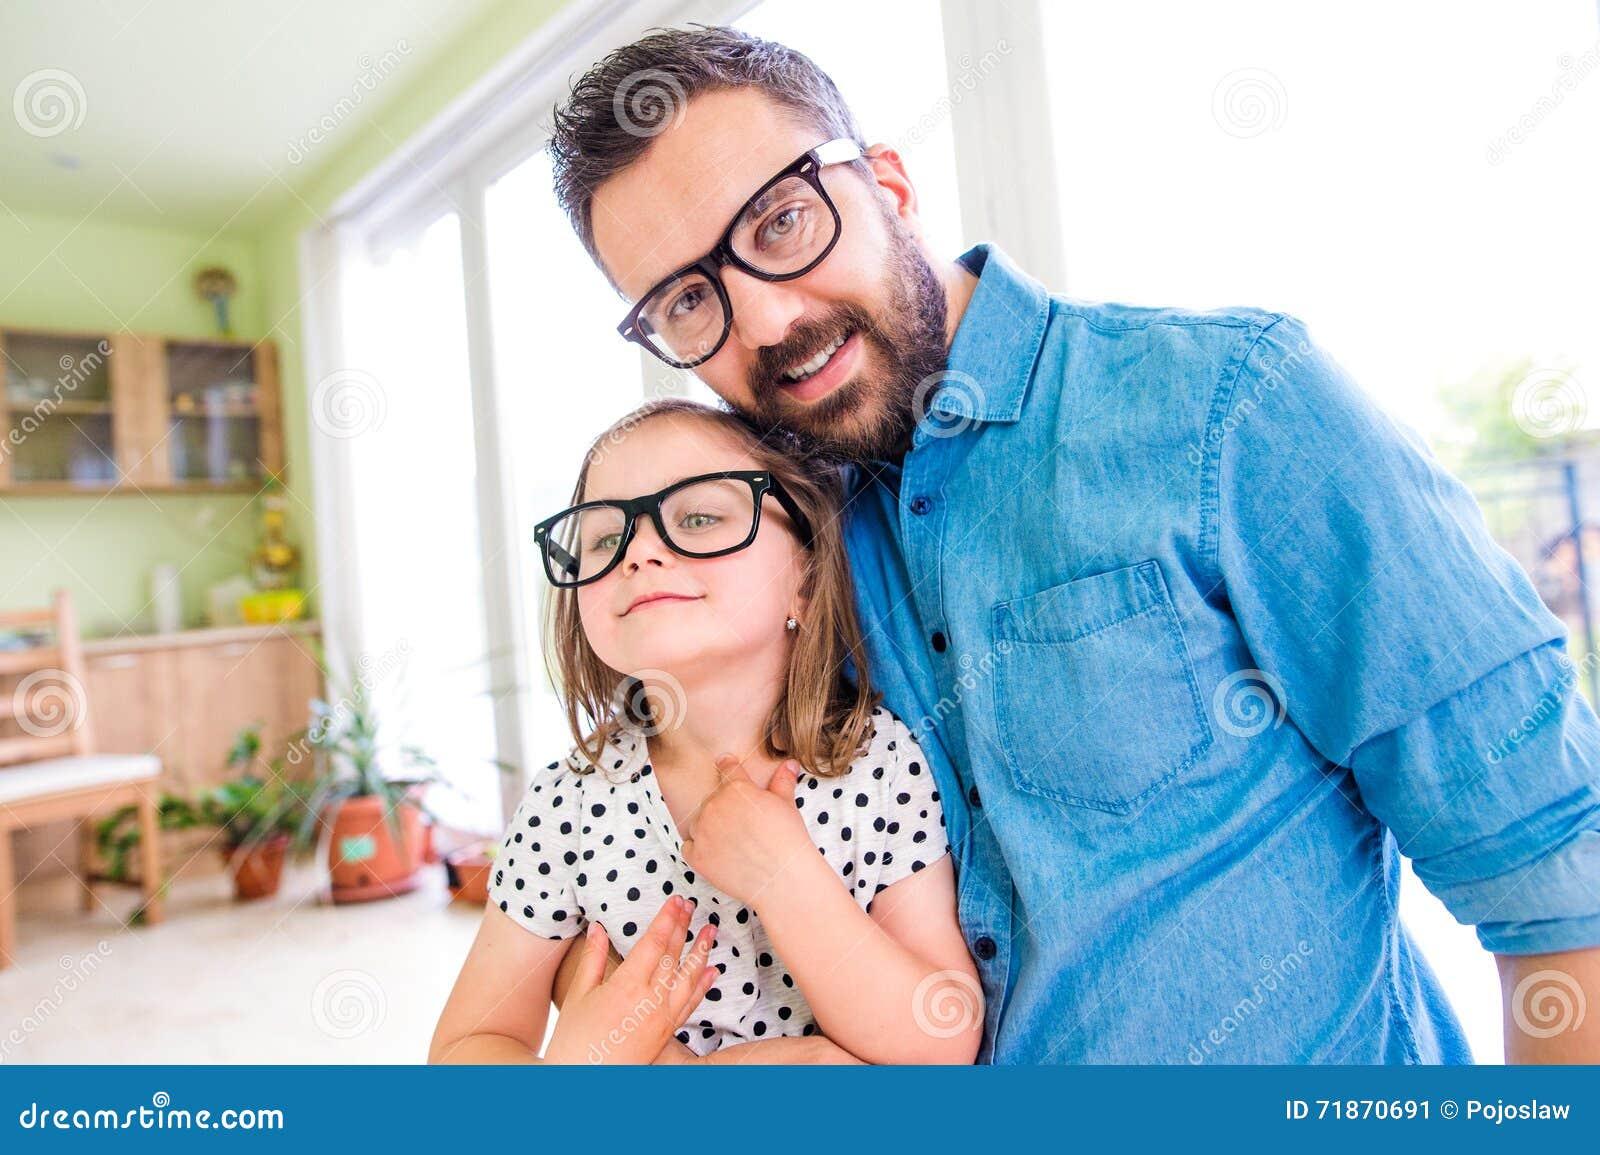 Föräldraskap tonårs dotter dating